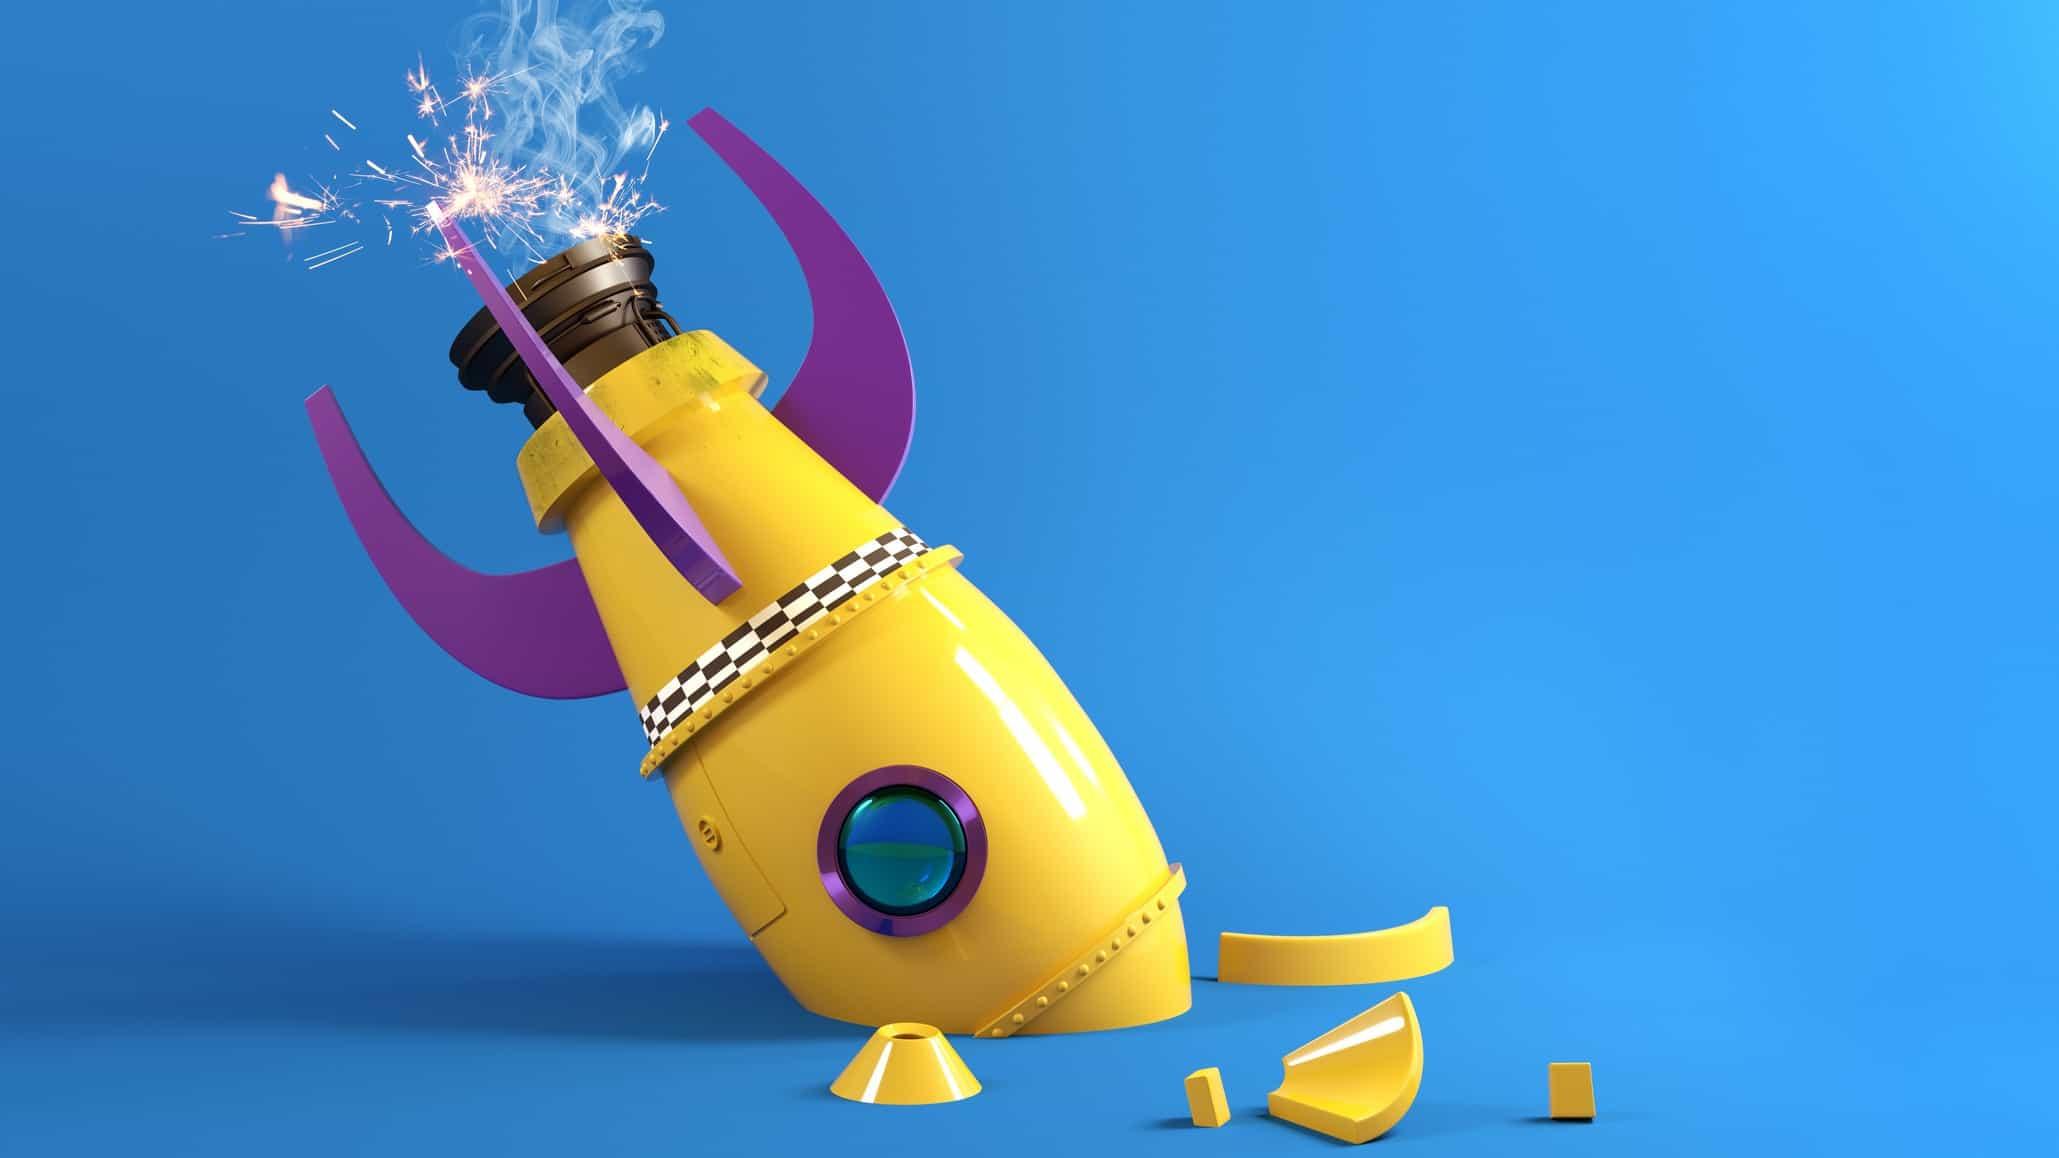 toy rocket crashed